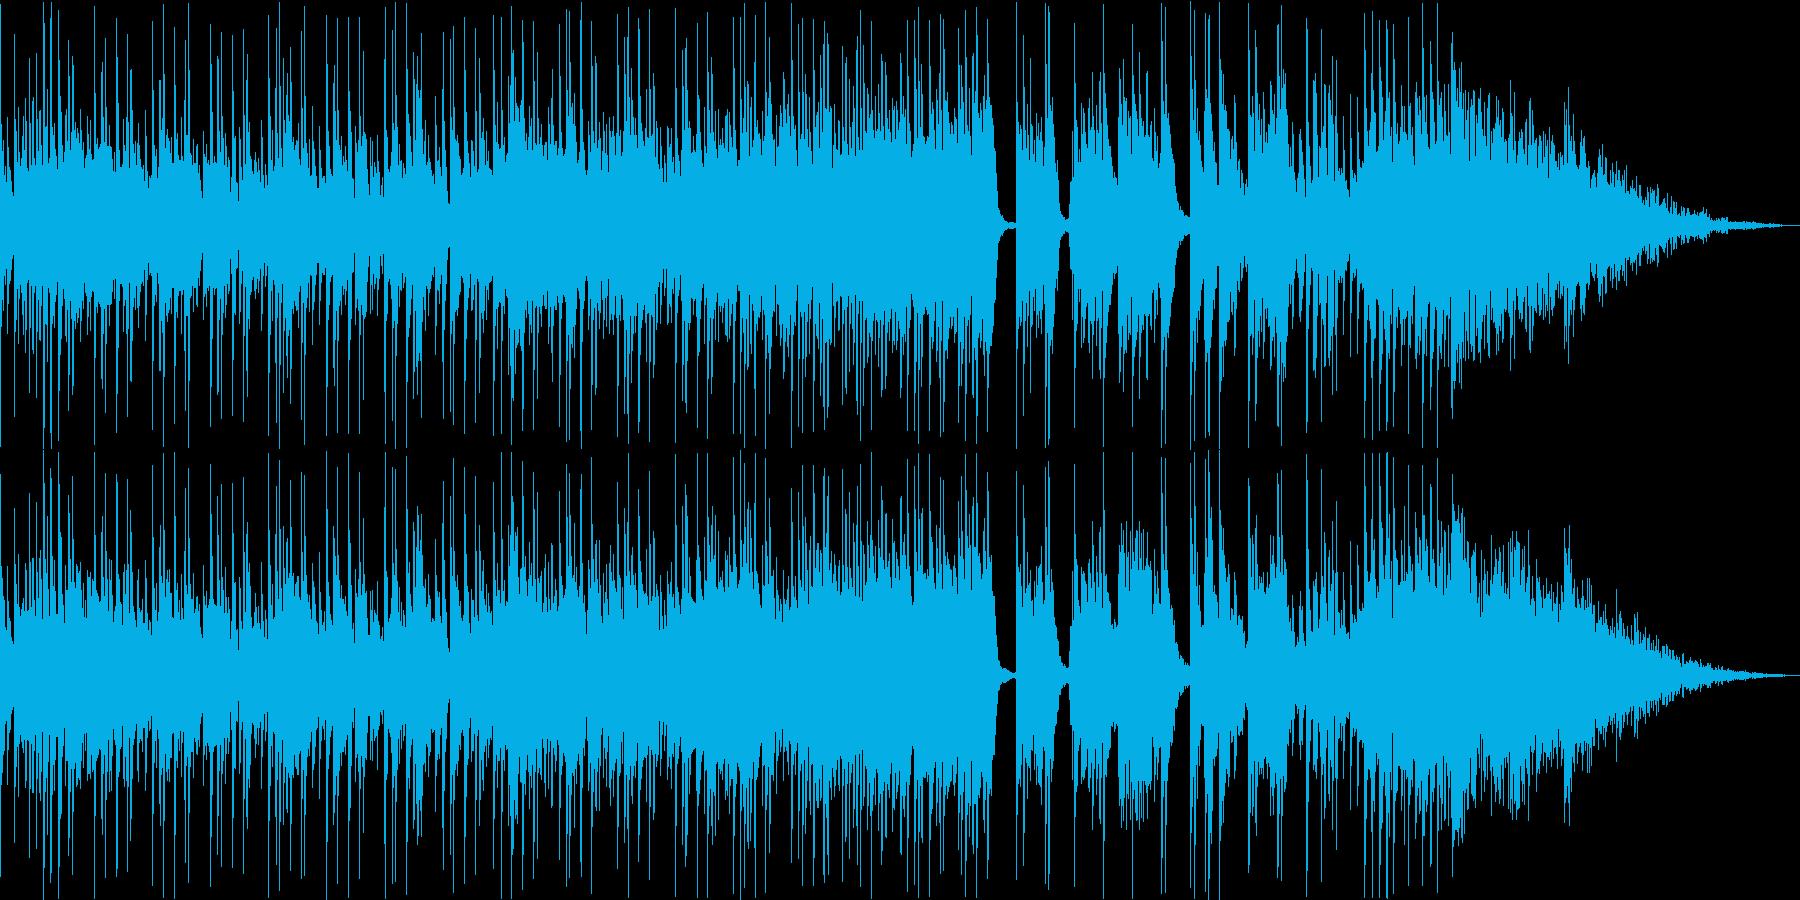 三味線+尺八+鼓 激しい和風ギターロックの再生済みの波形